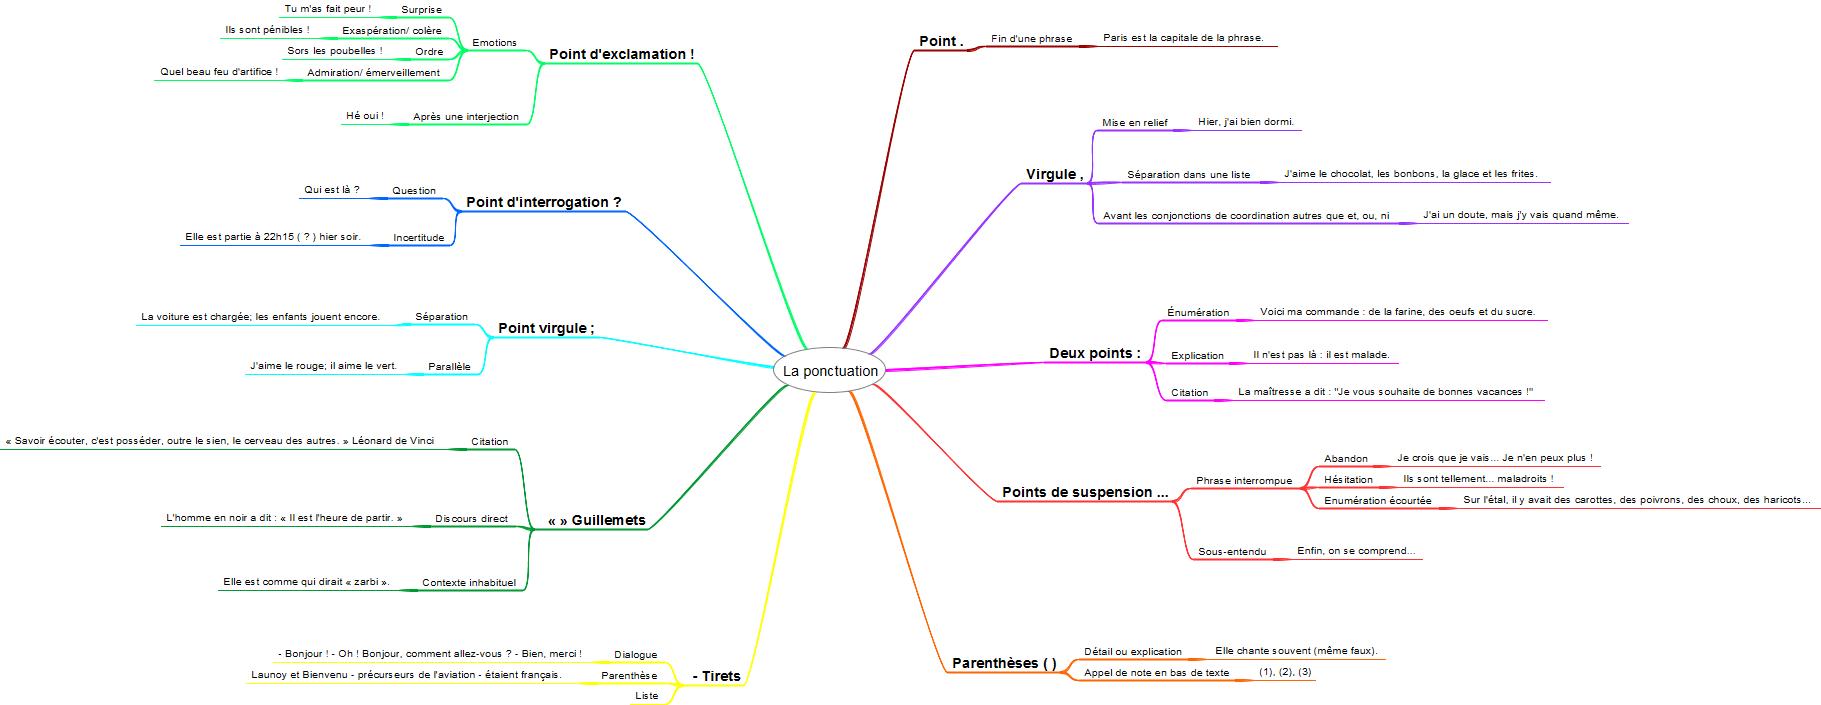 Erfahrungsberichte datant portale